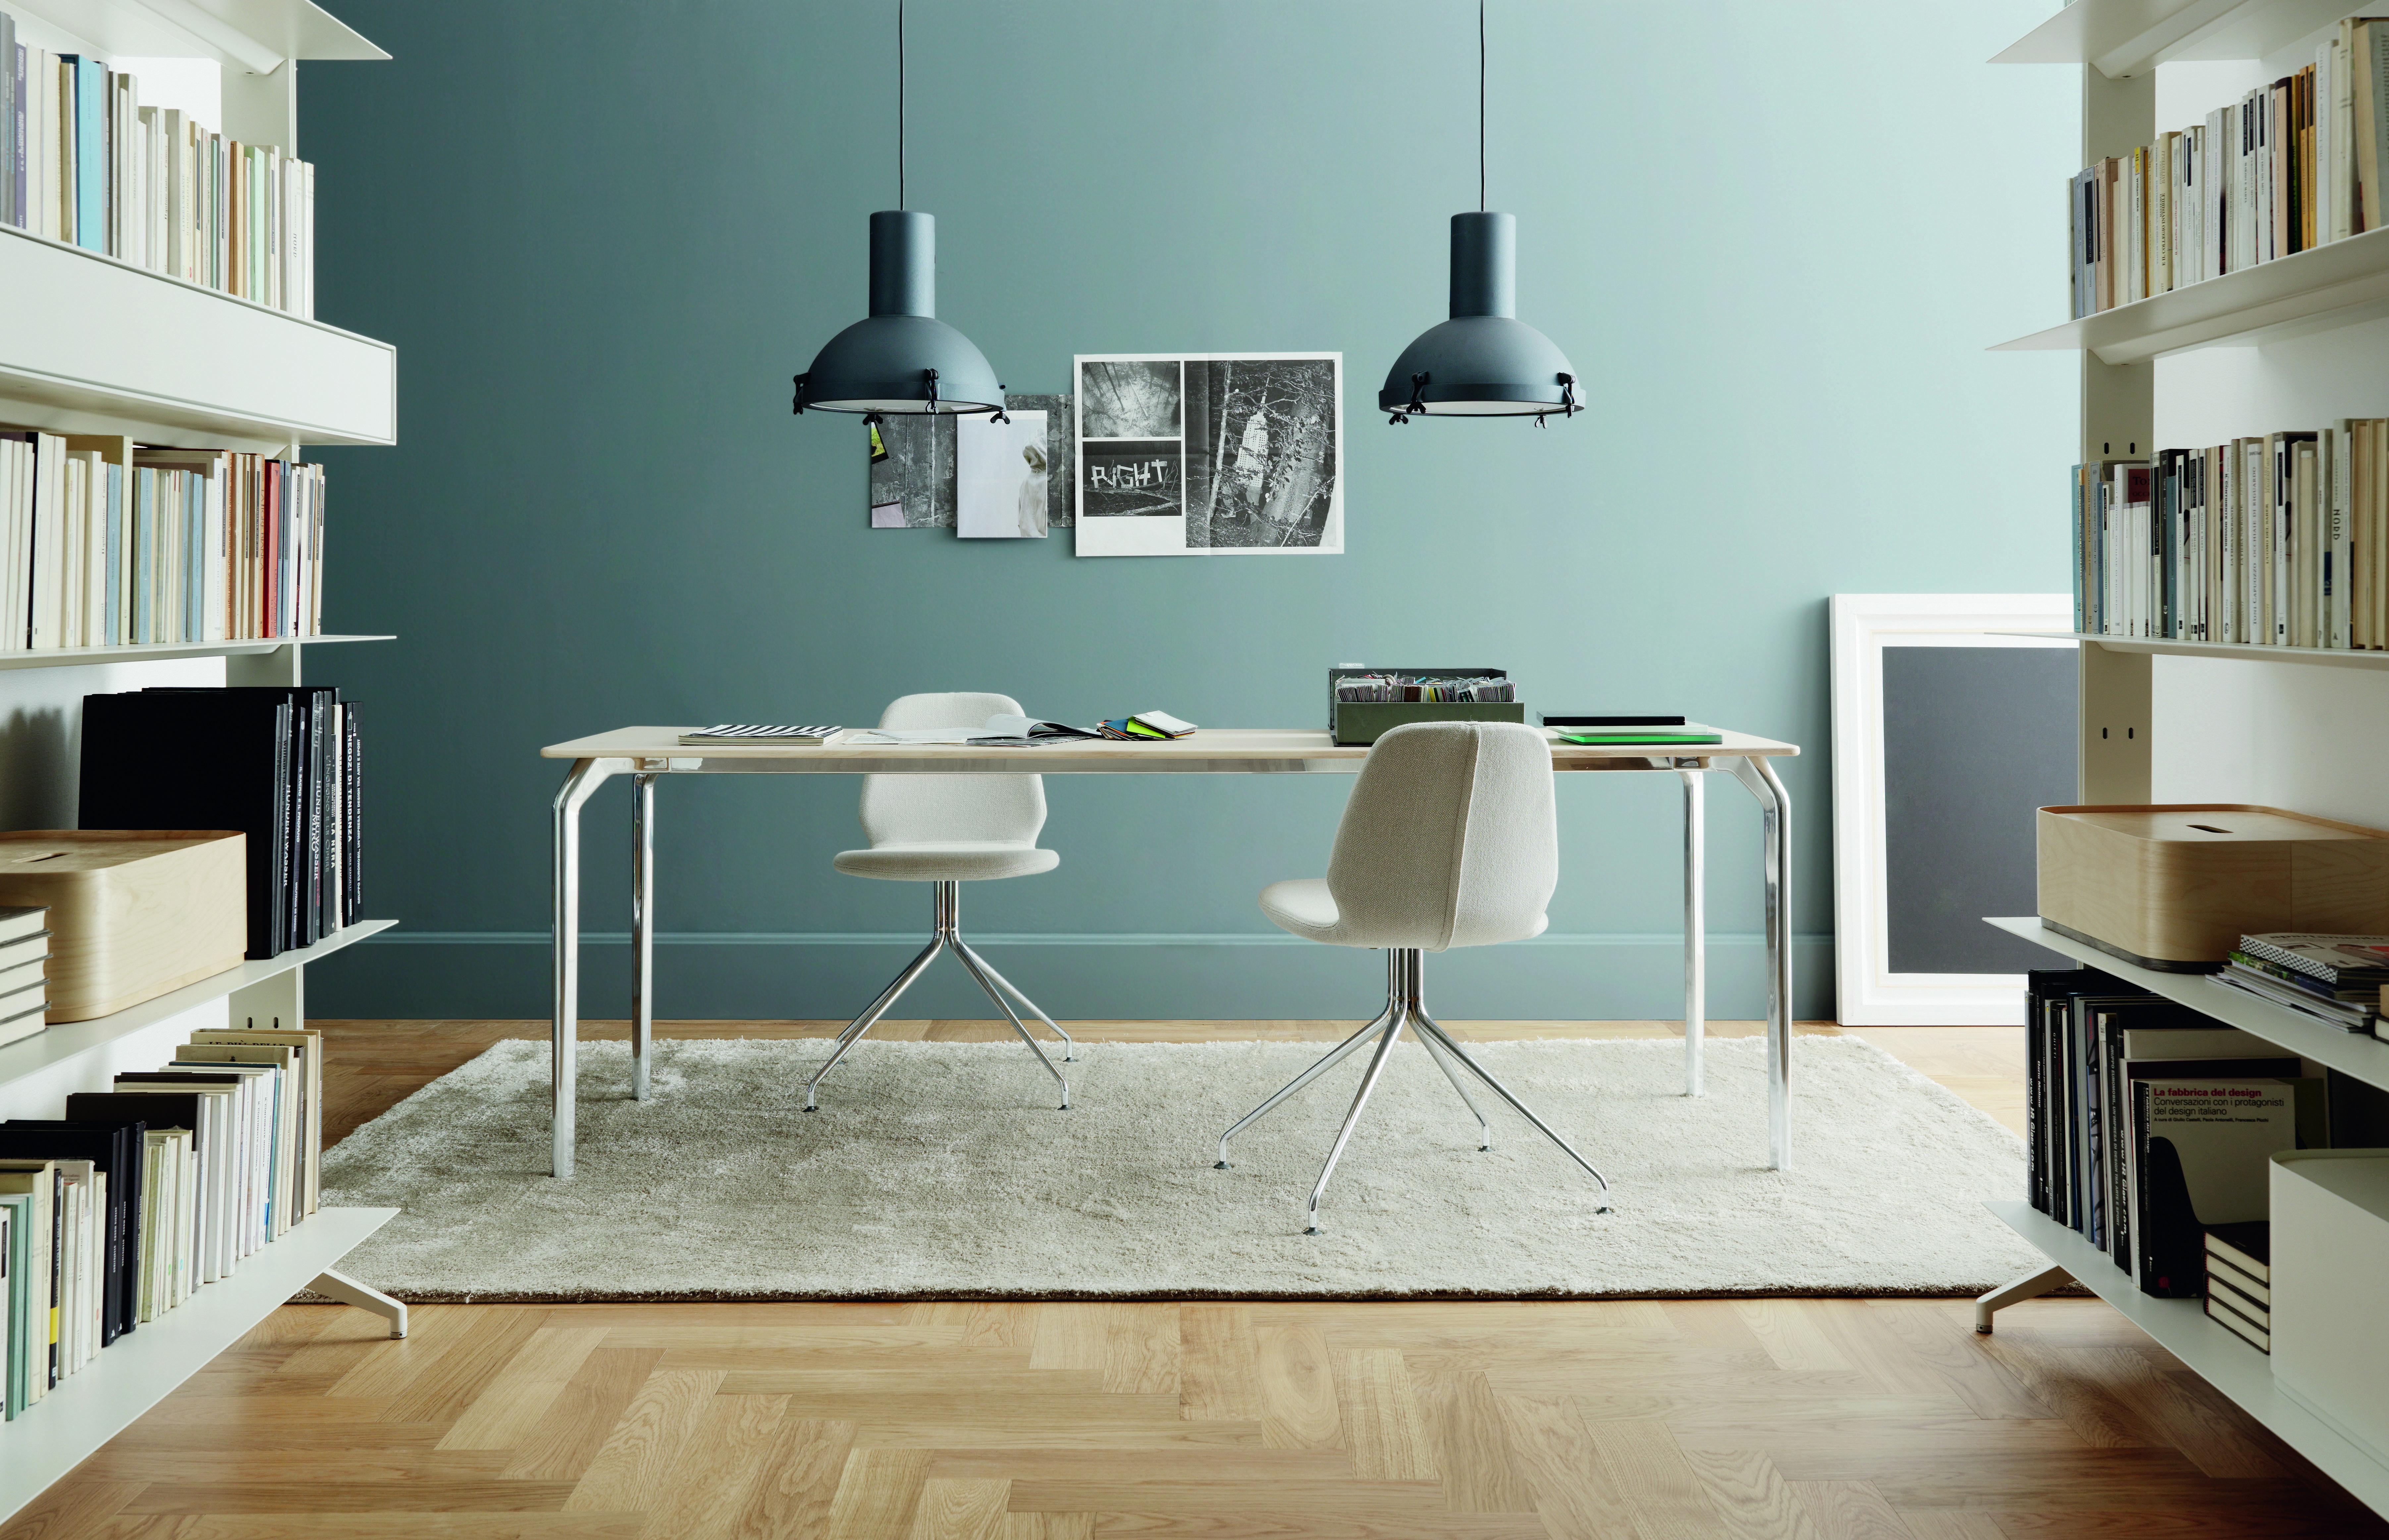 Lampada a sospensione Projecteur 365 by Le Corbusier